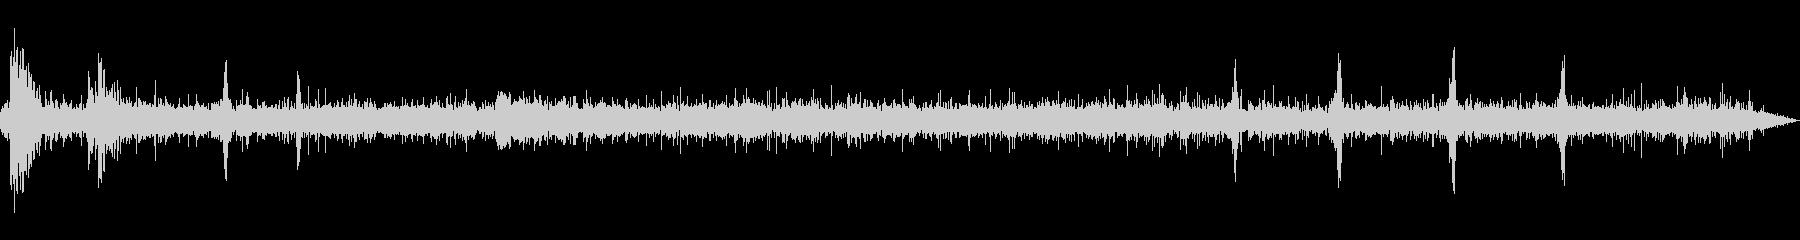 [空間録音]清流の流れる森02(初夏)の未再生の波形